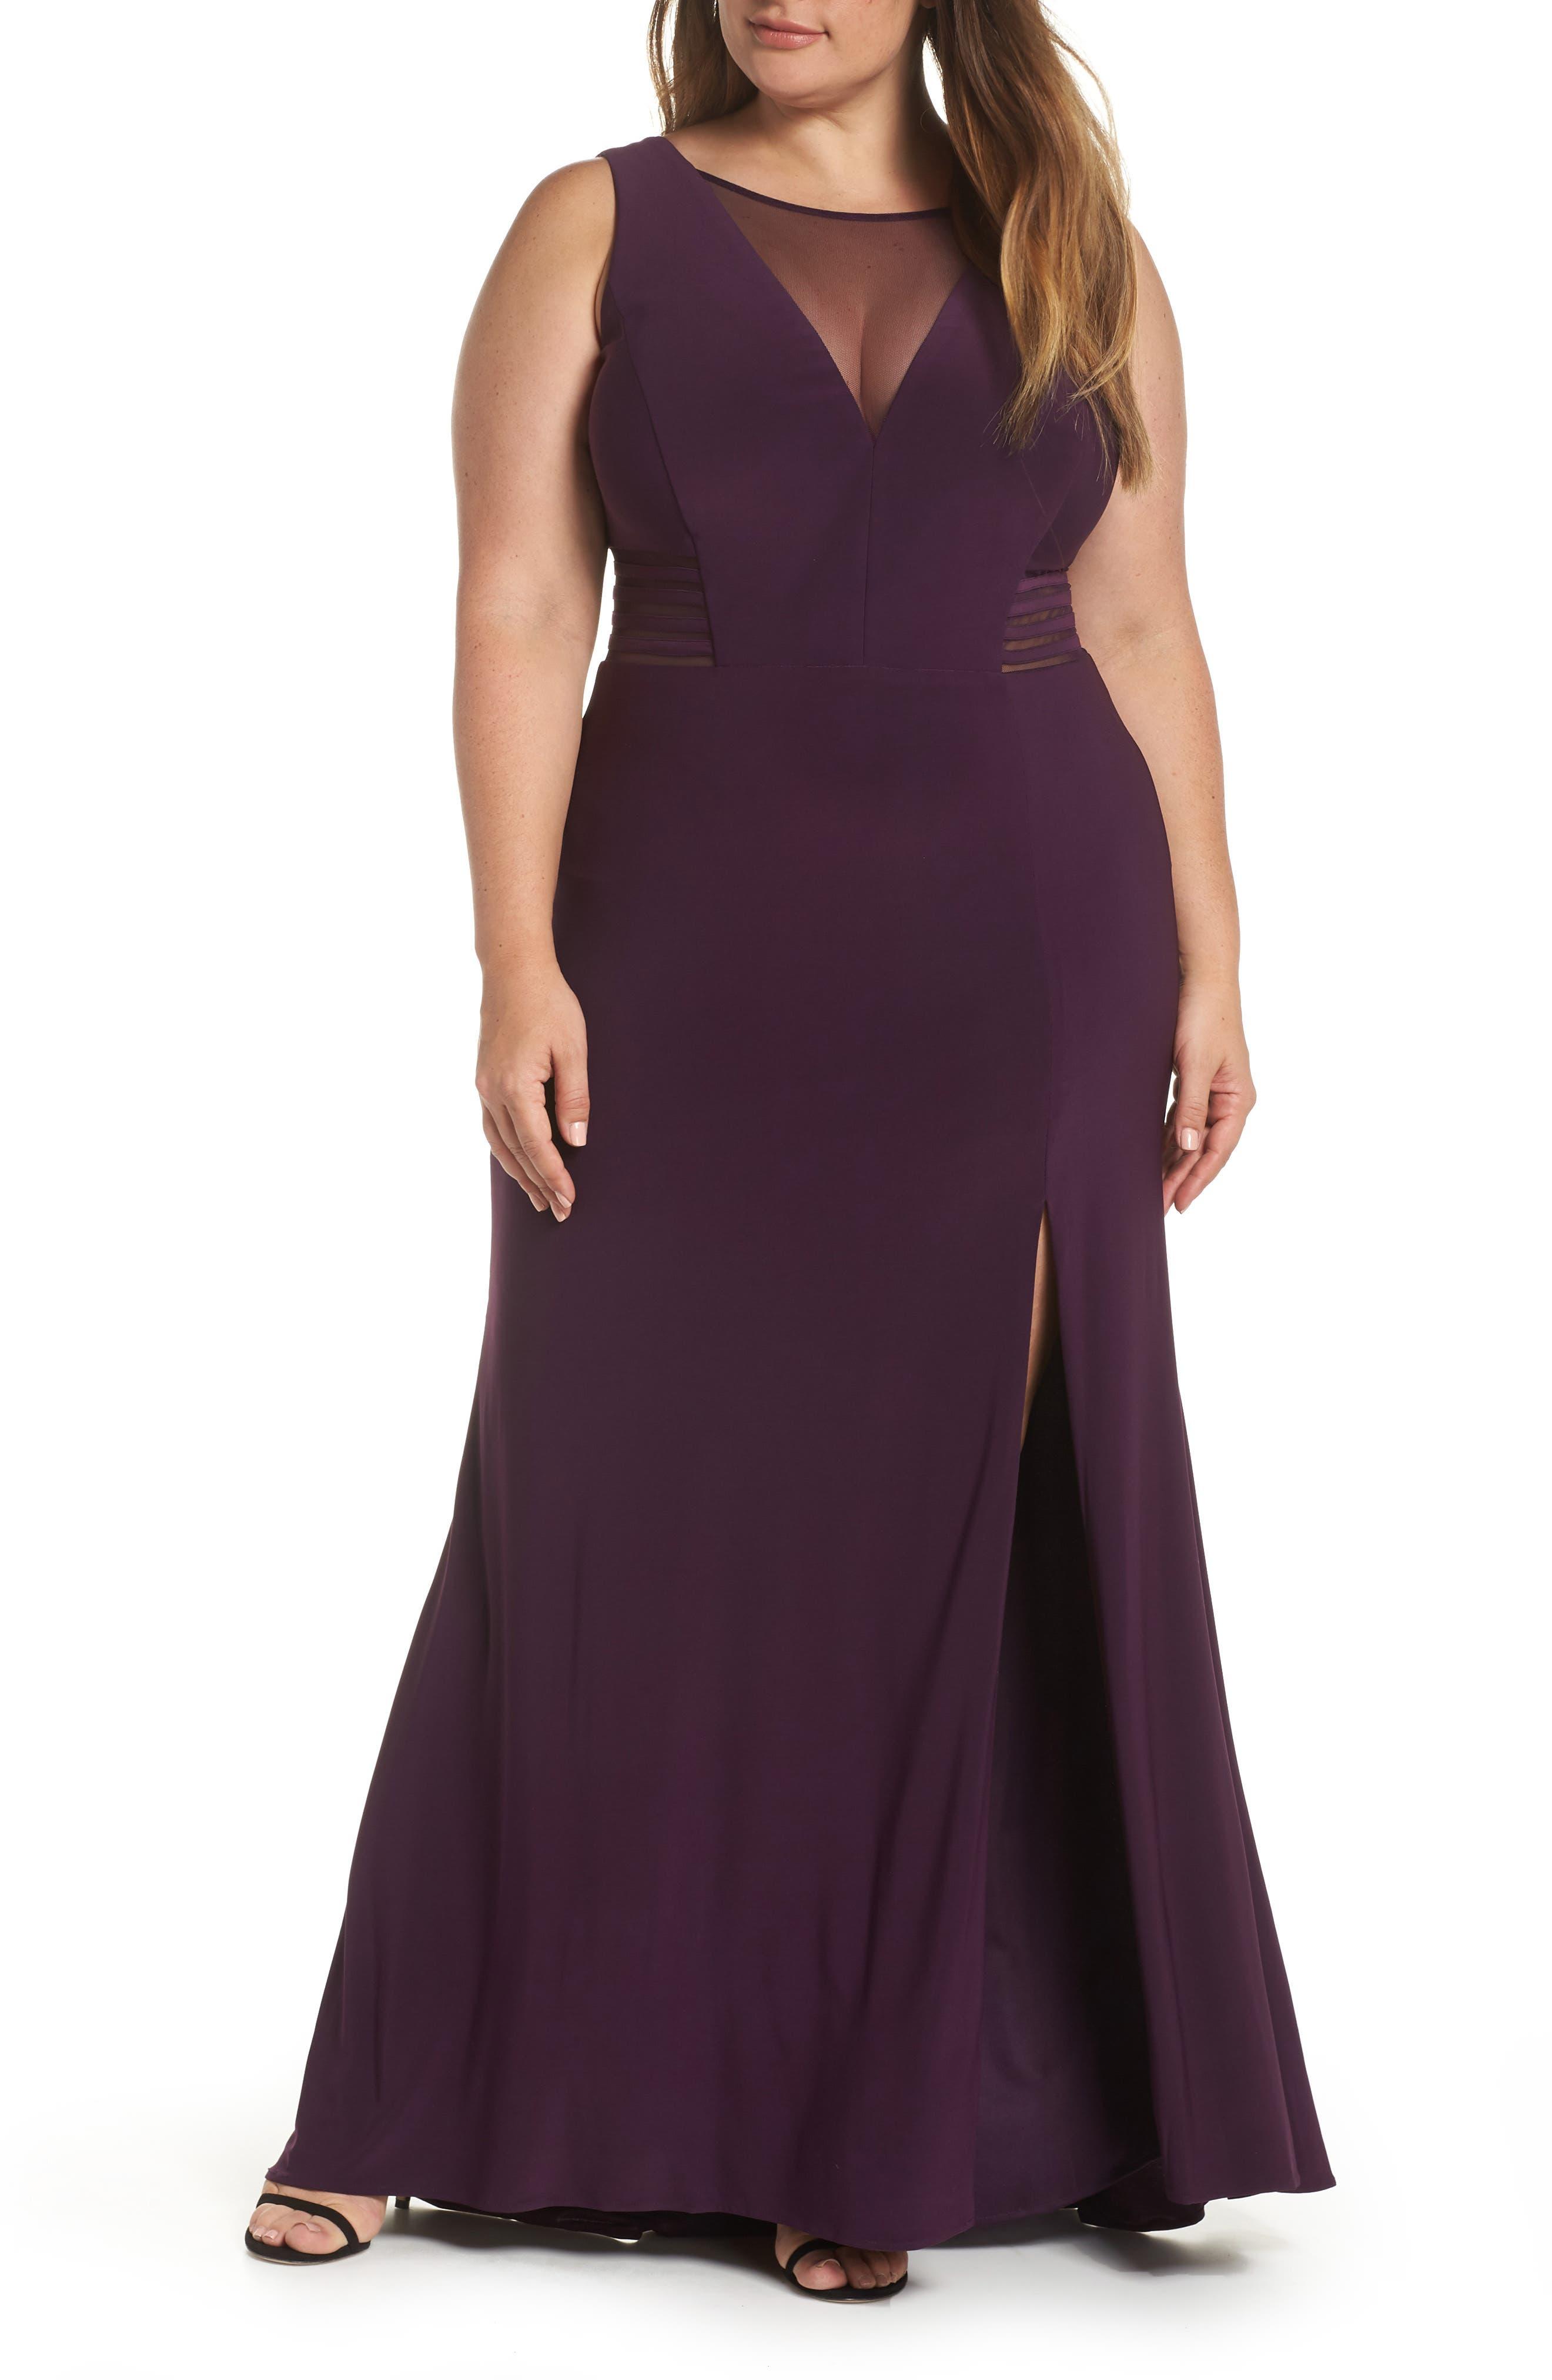 Morgan & Co. Power Mesh Illusion Knit Dress (Plus Size)